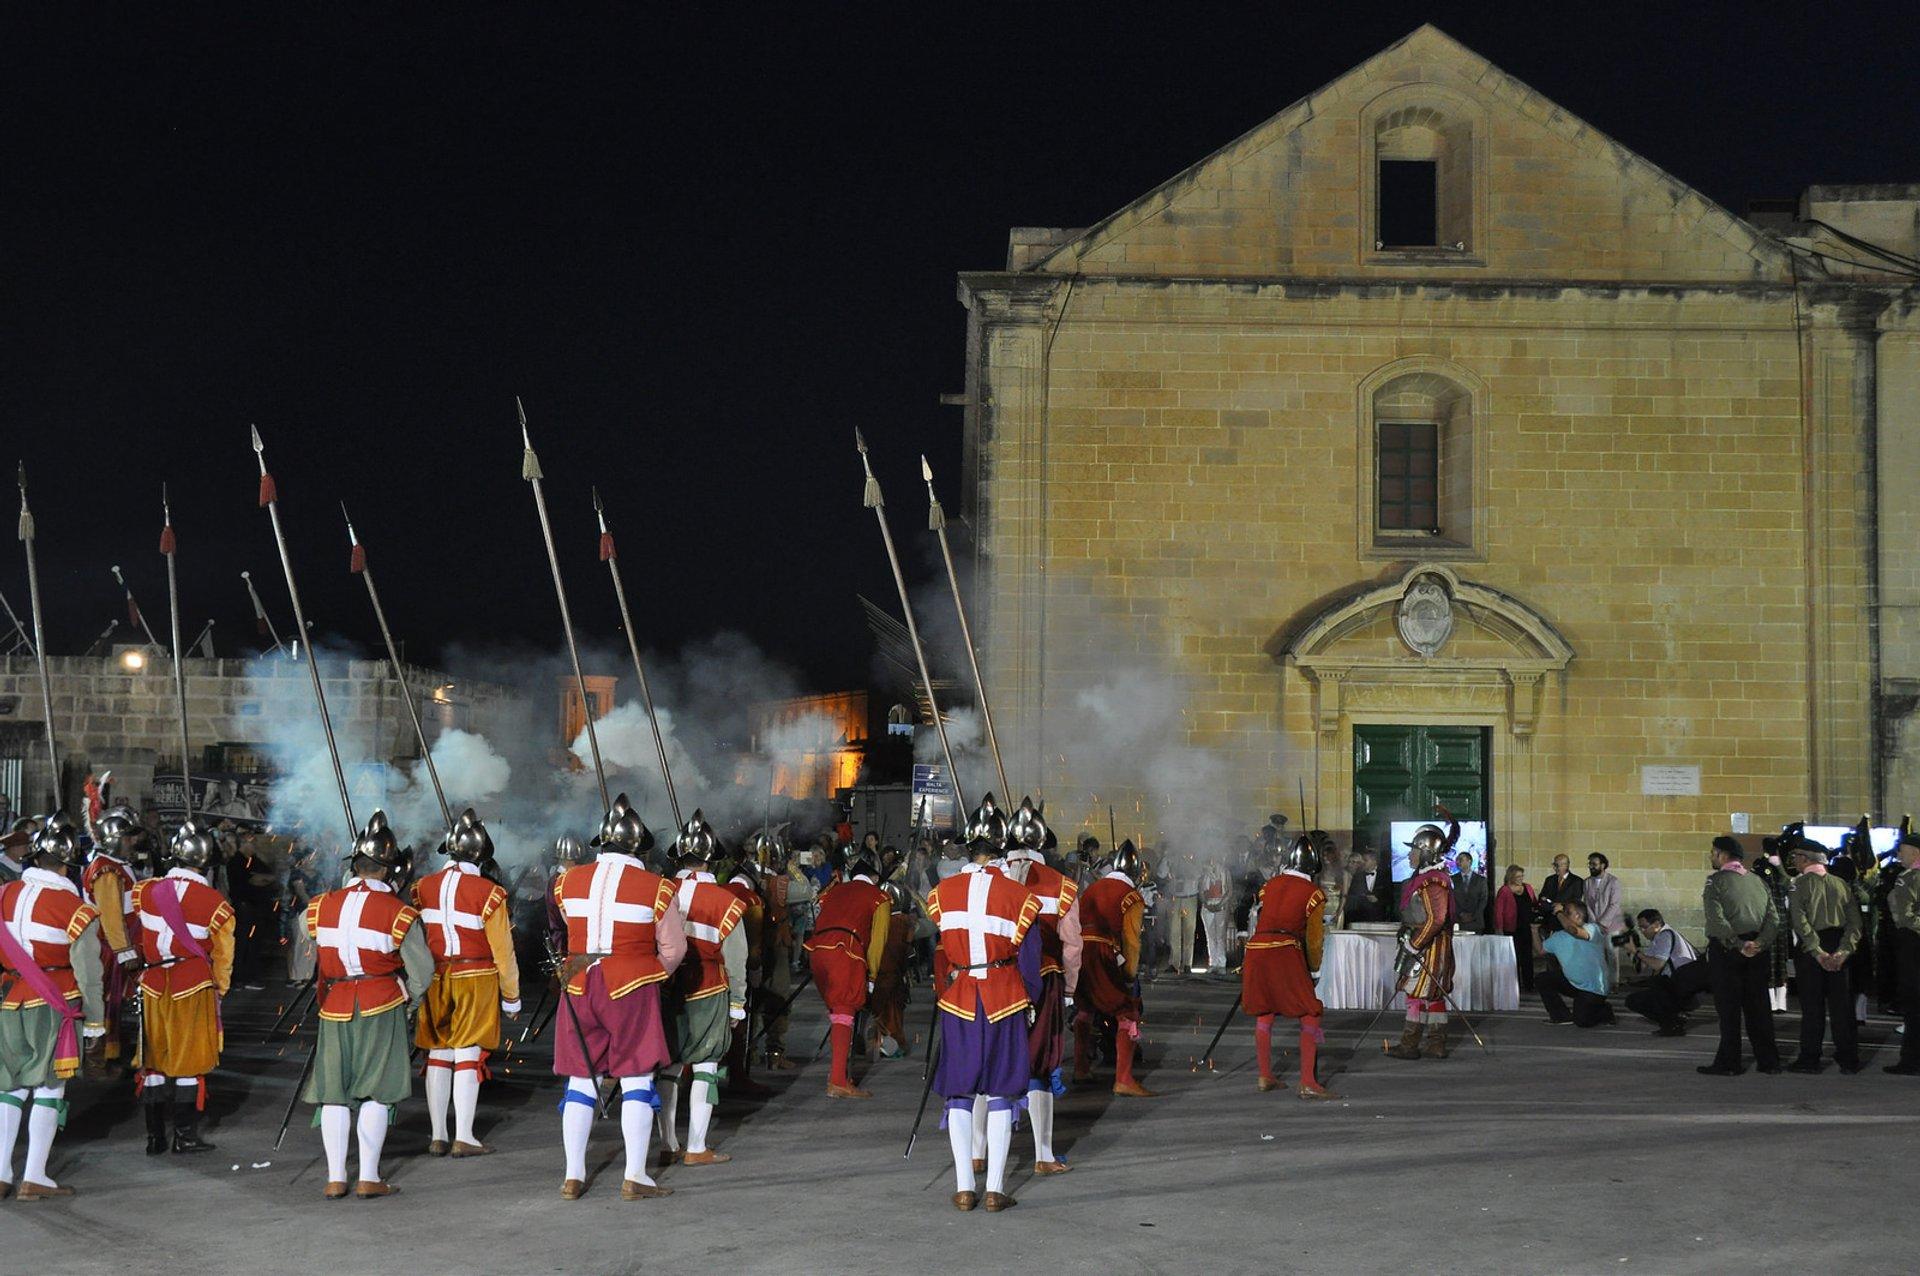 Notte Bianca in Malta - Best Season